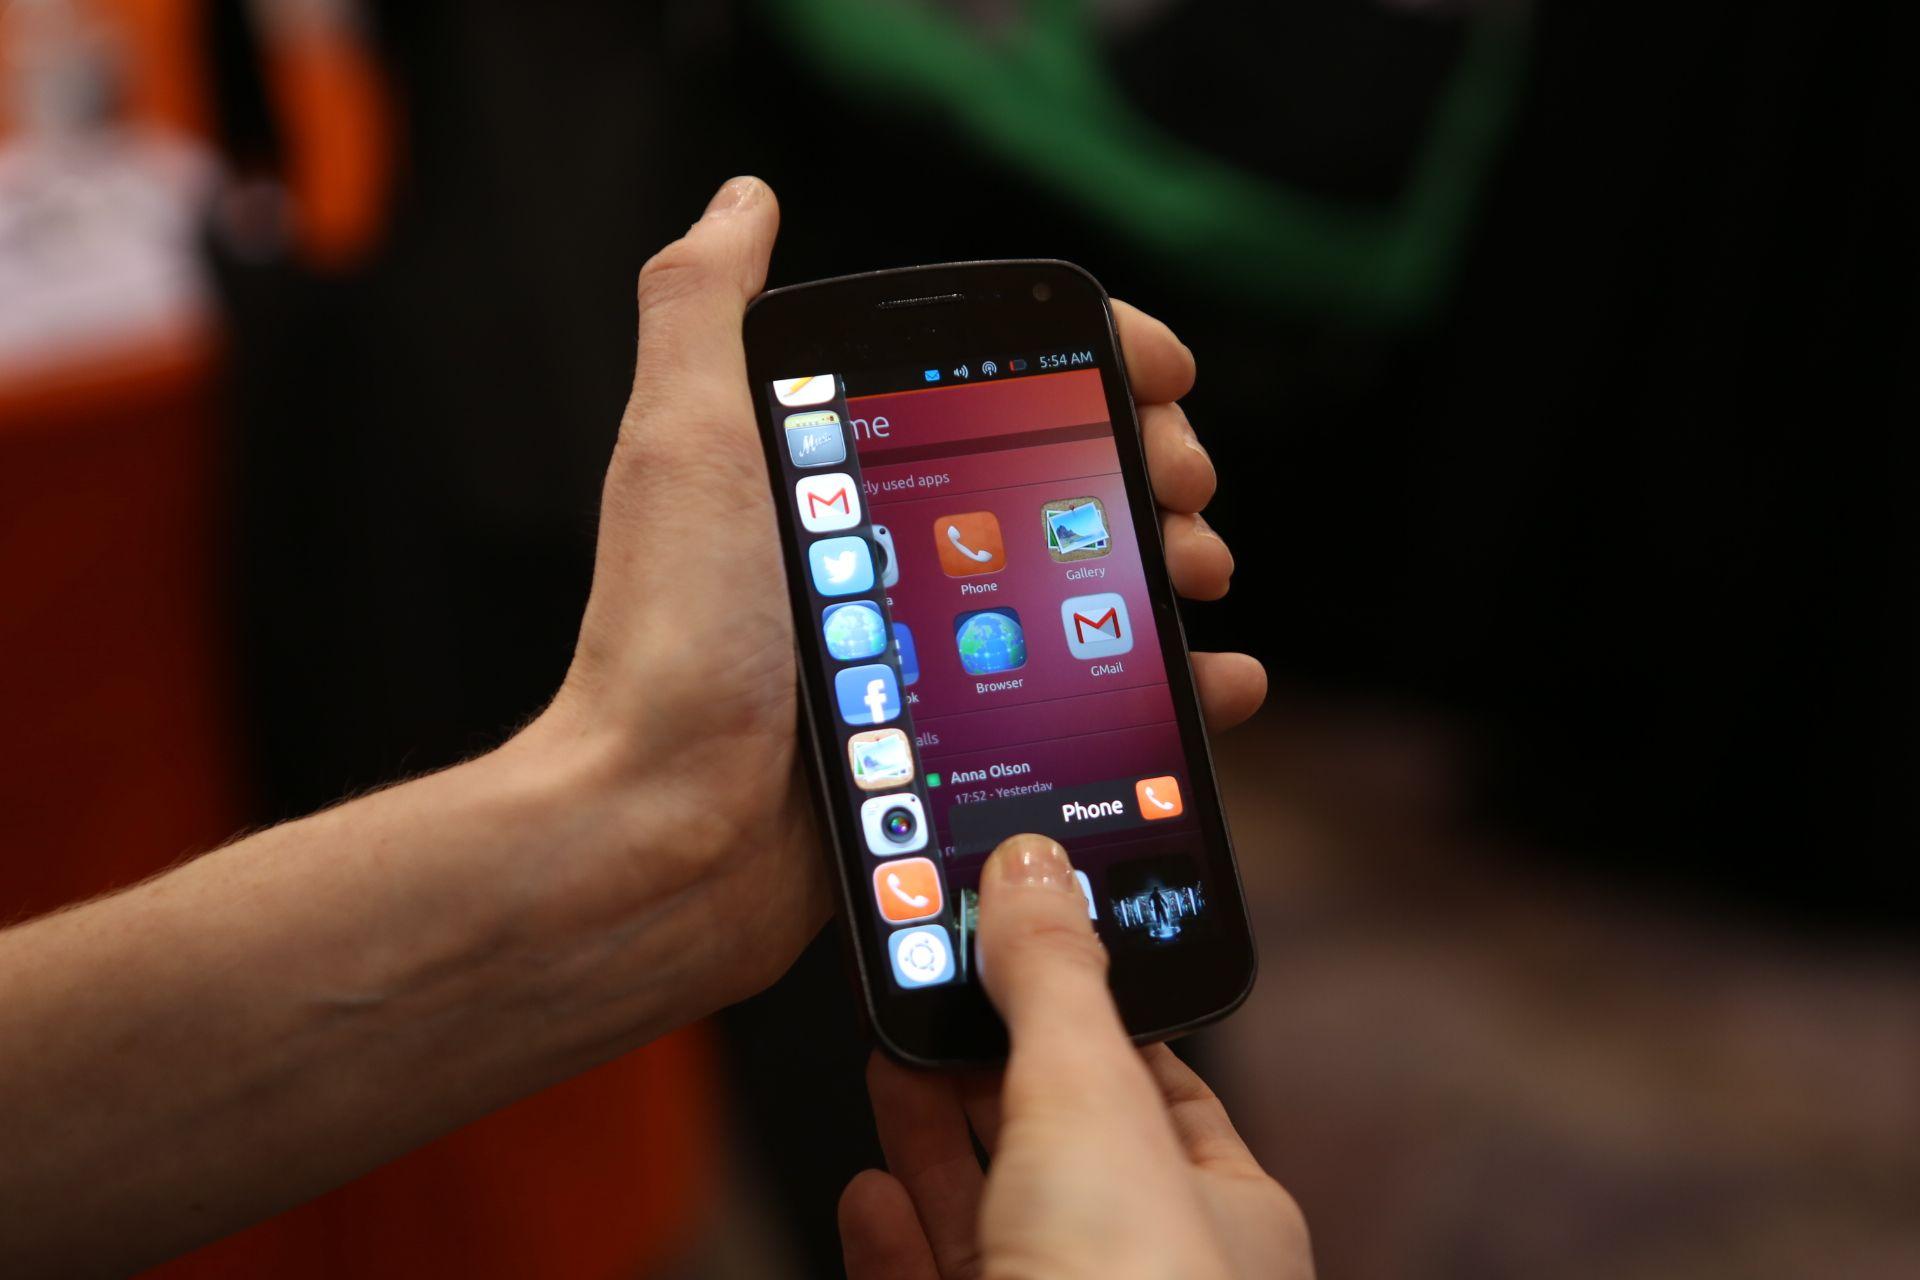 Canonical Ubuntu smartphone